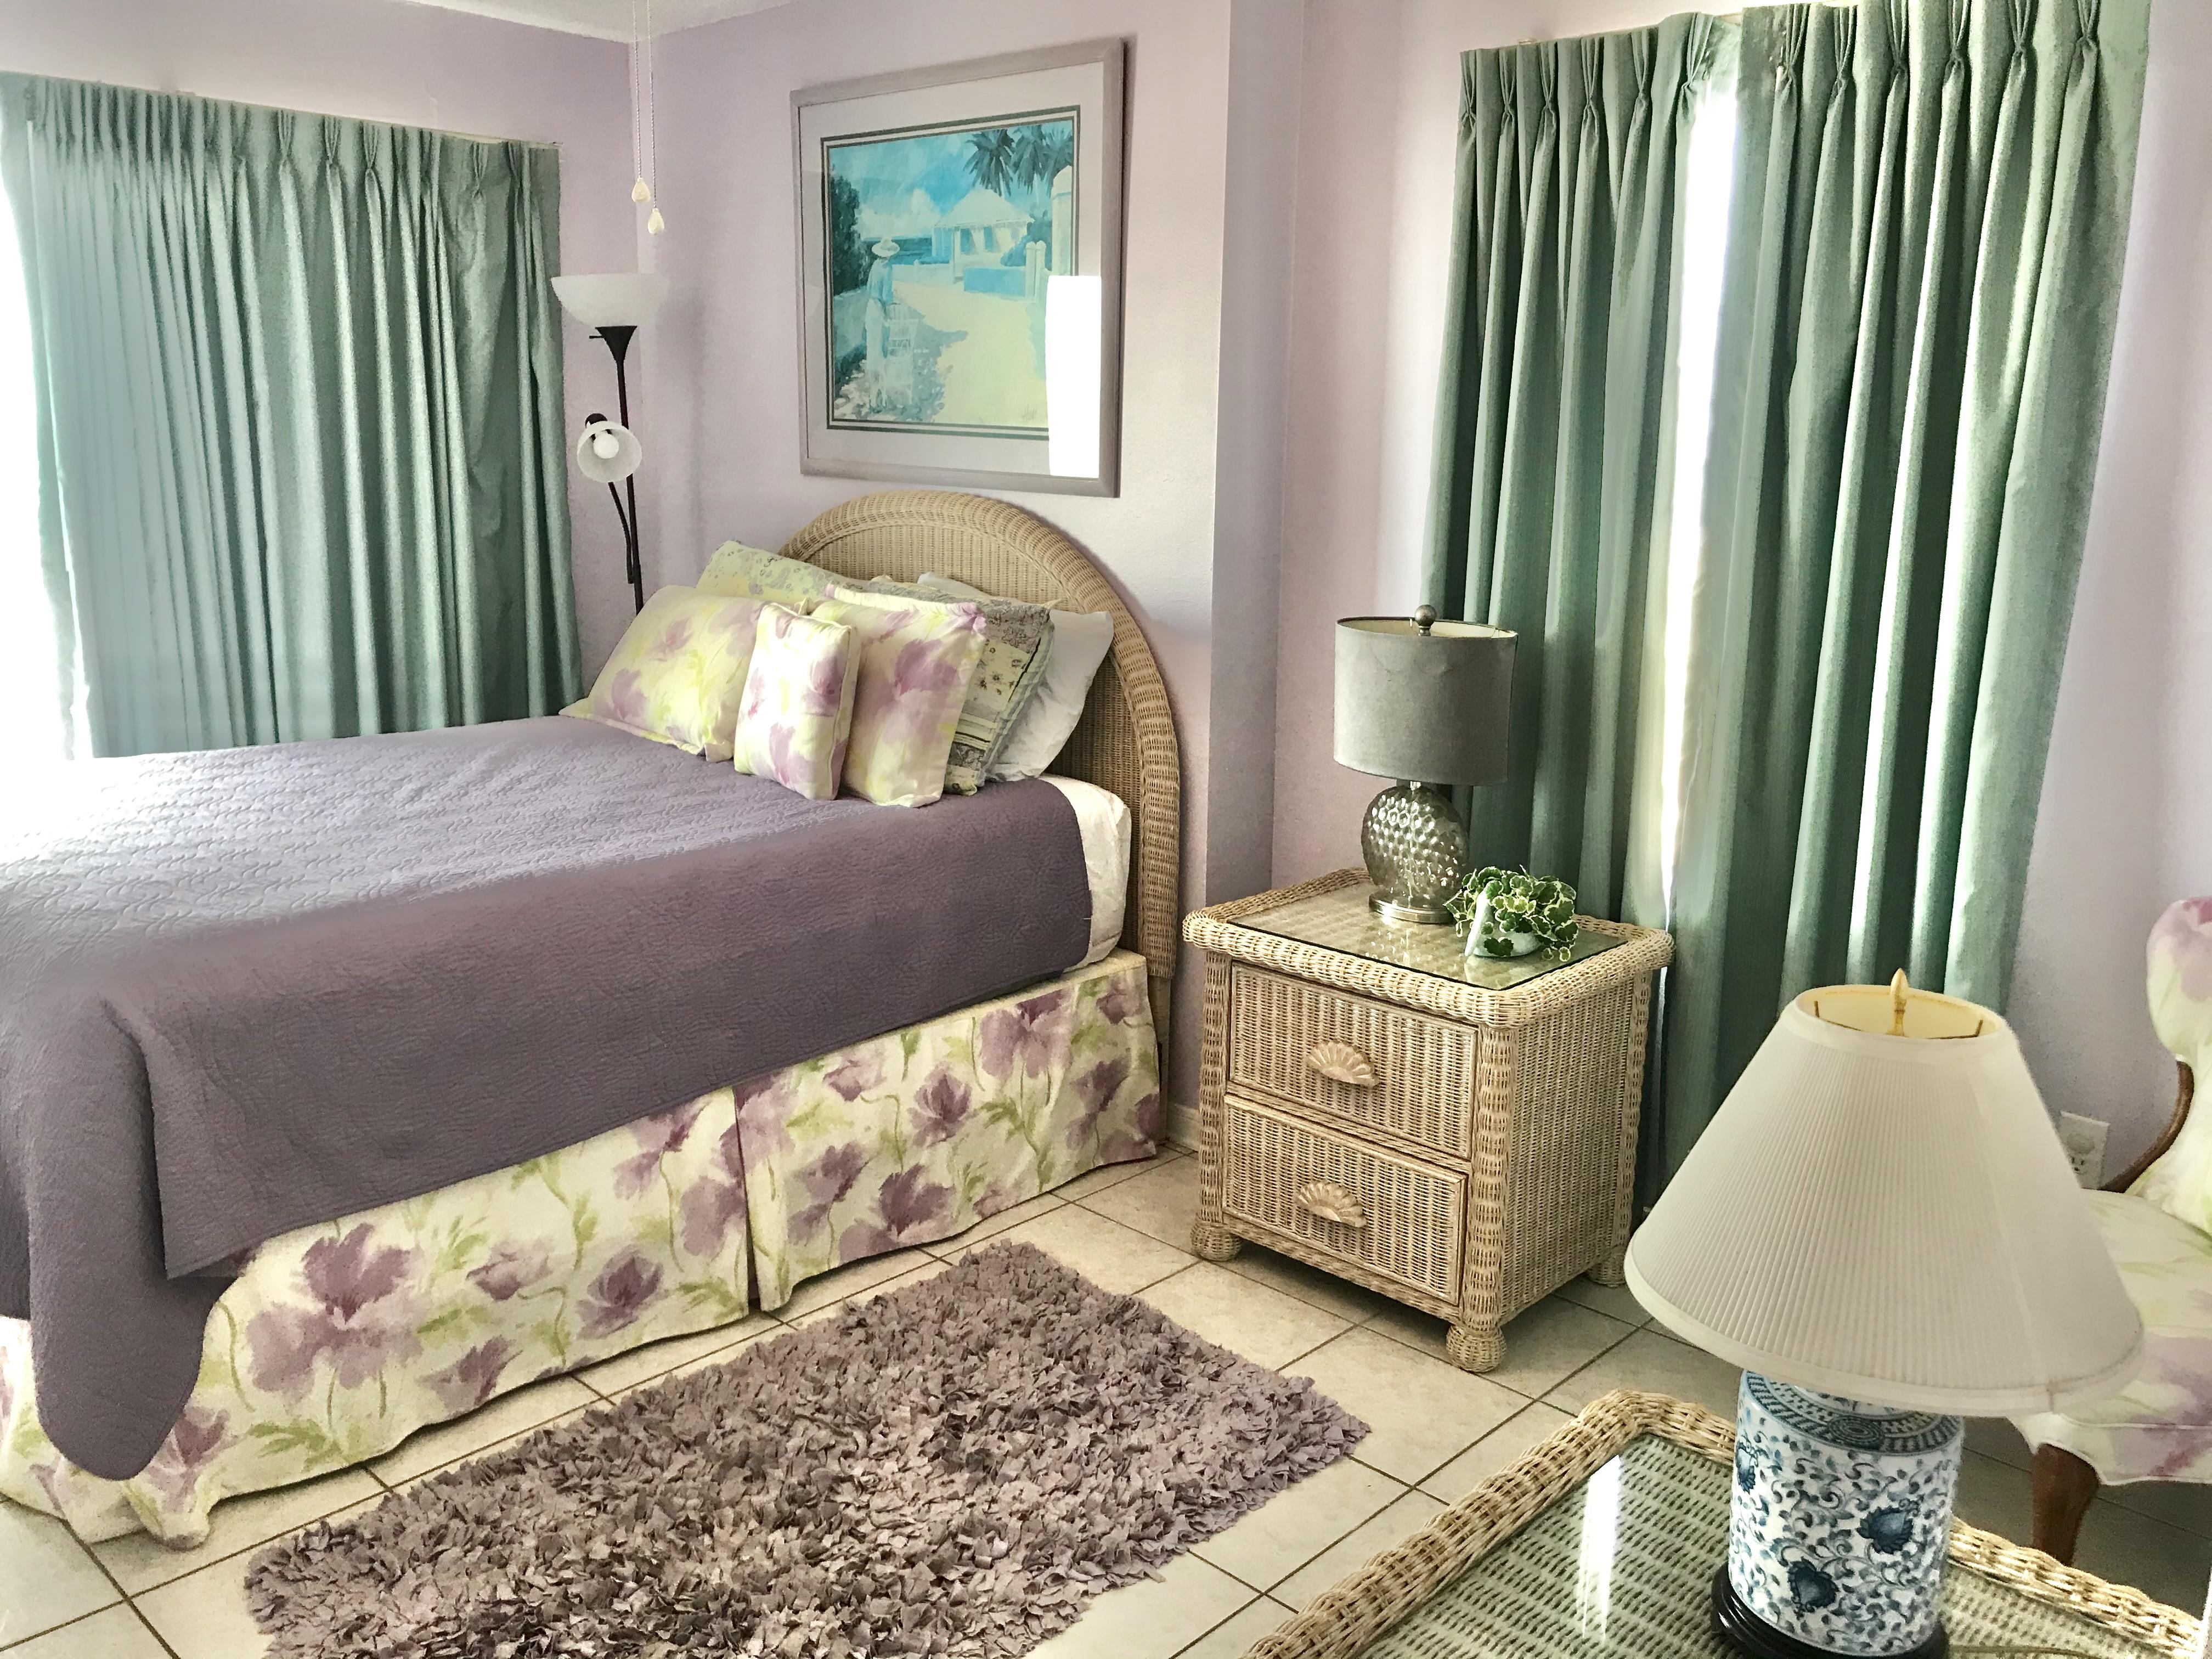 Ocean House 2306 Condo rental in Ocean House - Gulf Shores in Gulf Shores Alabama - #33